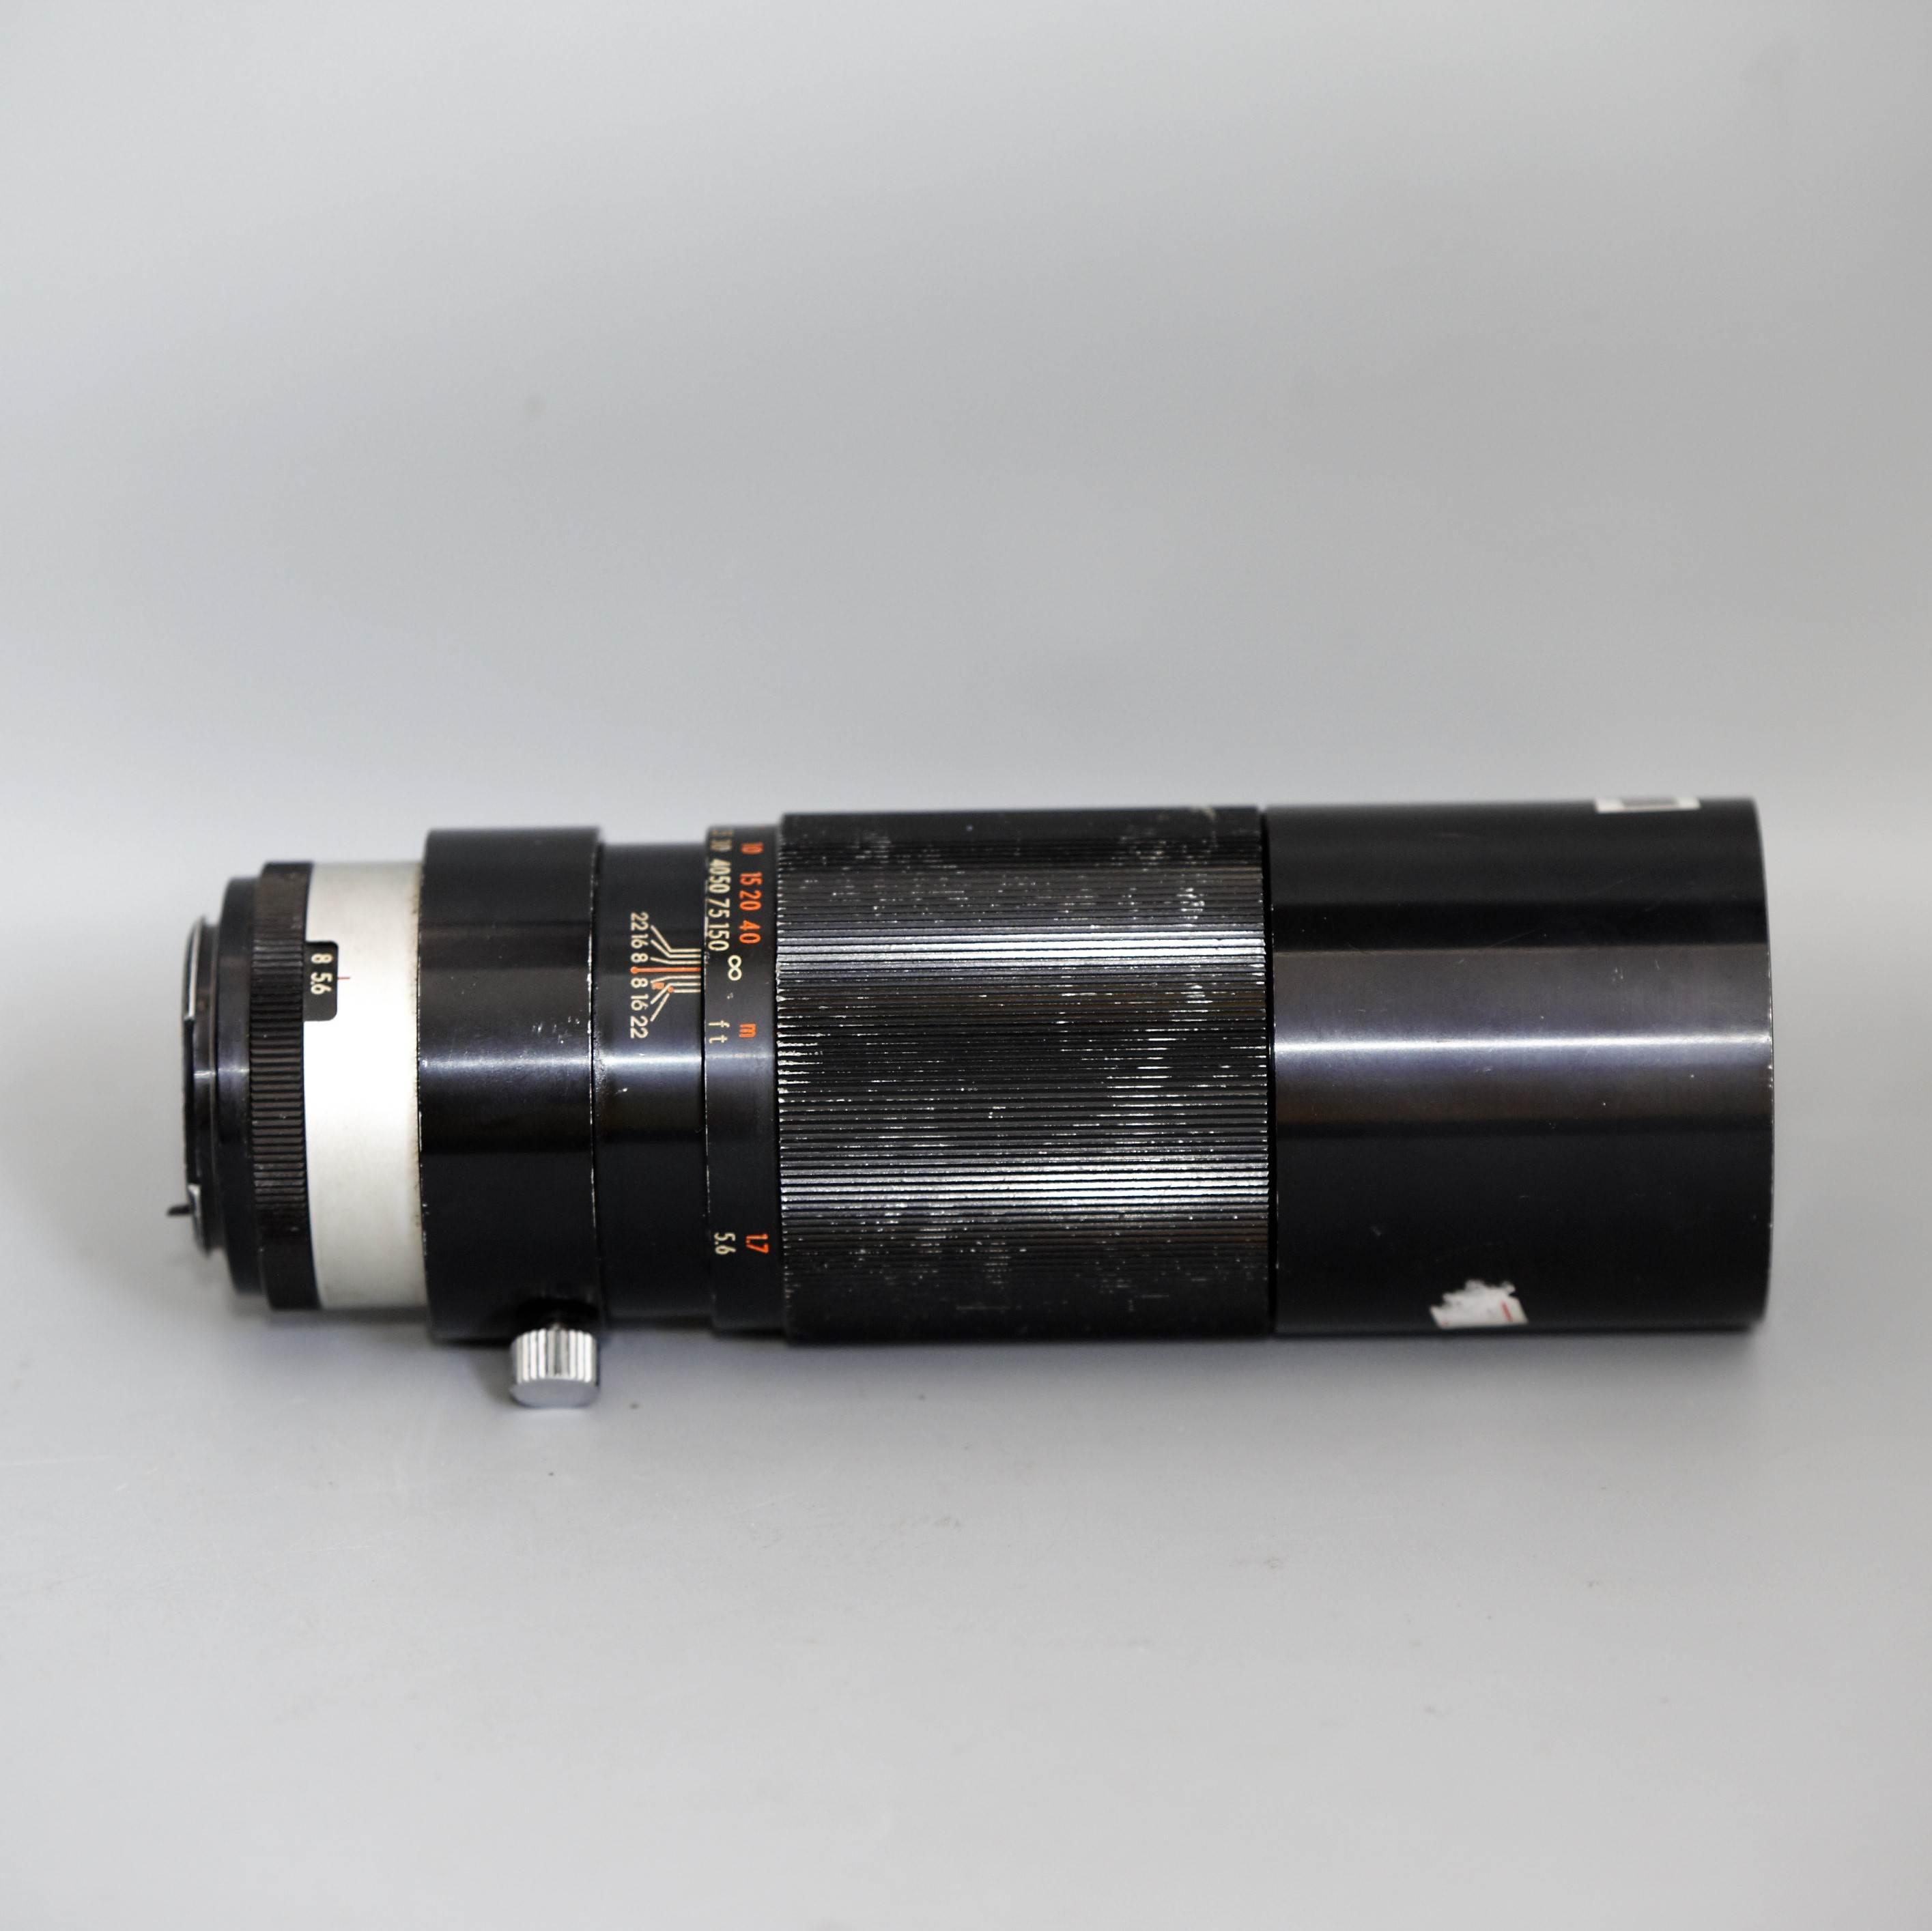 rokunar-300mm-f5-6-mf-nikon-300-5-6-10242